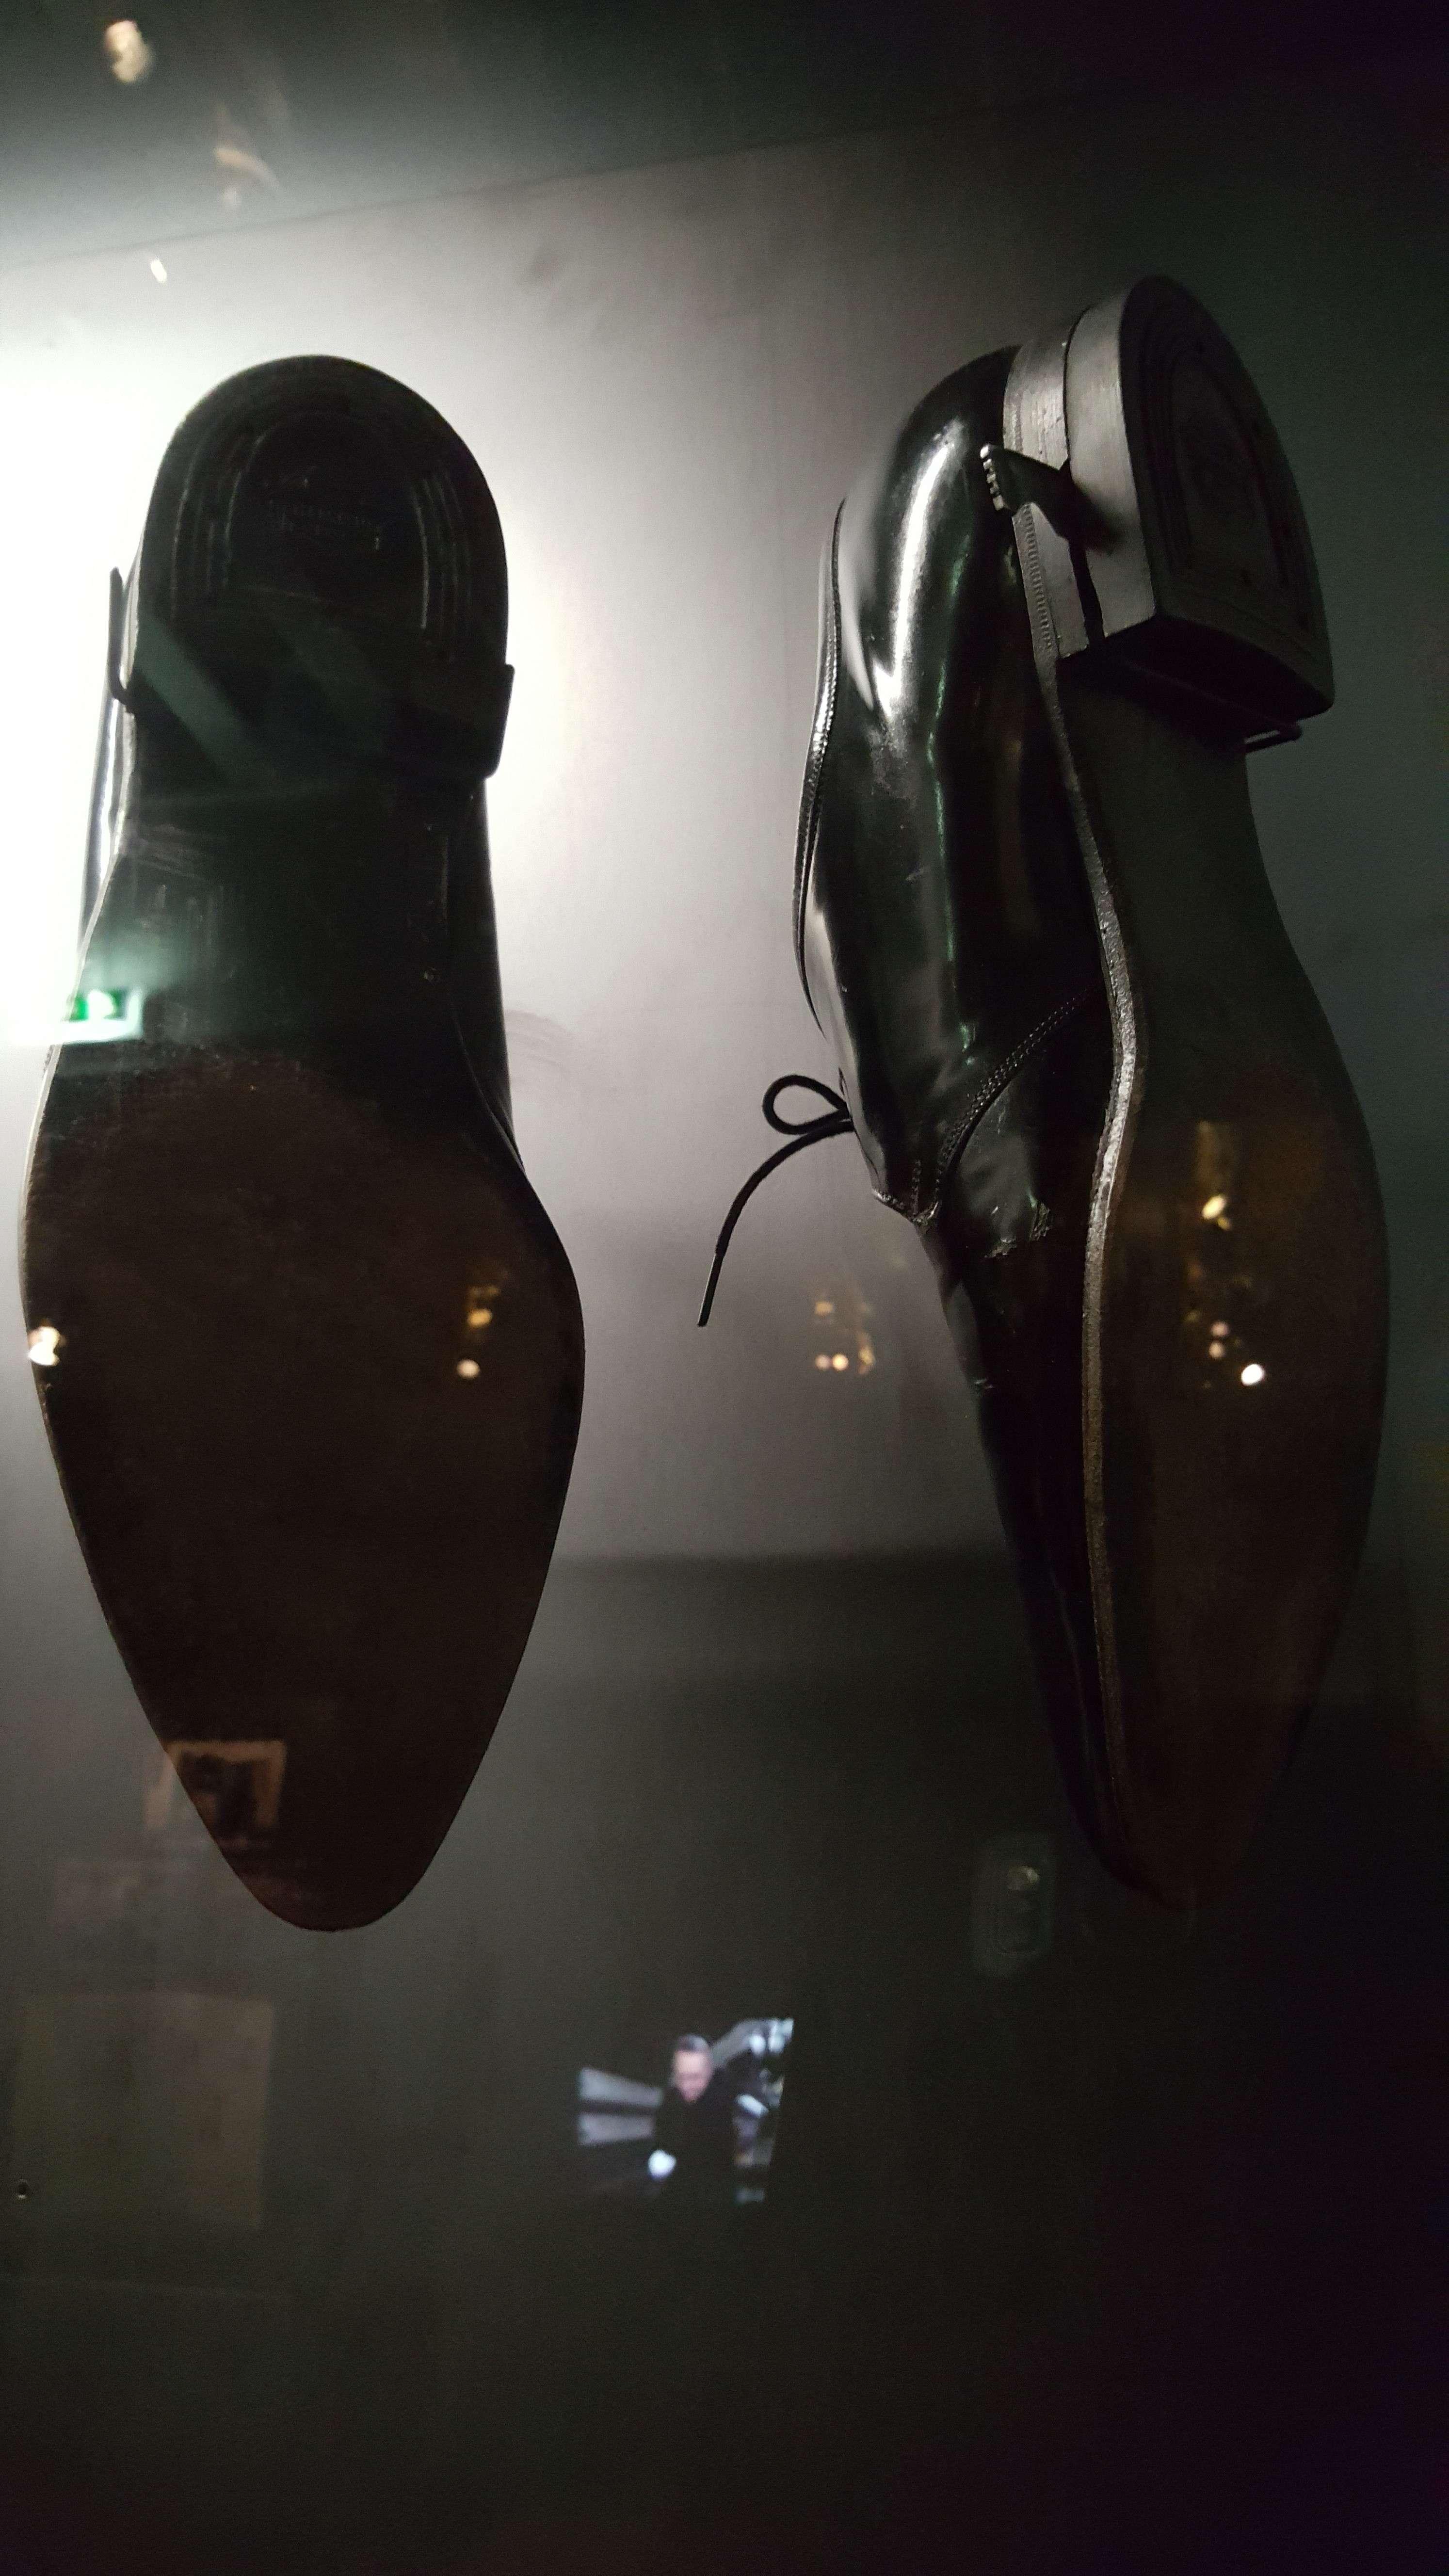 Pantofi de searà americani (marca Florsheim) dotate cu lamà retractabilà